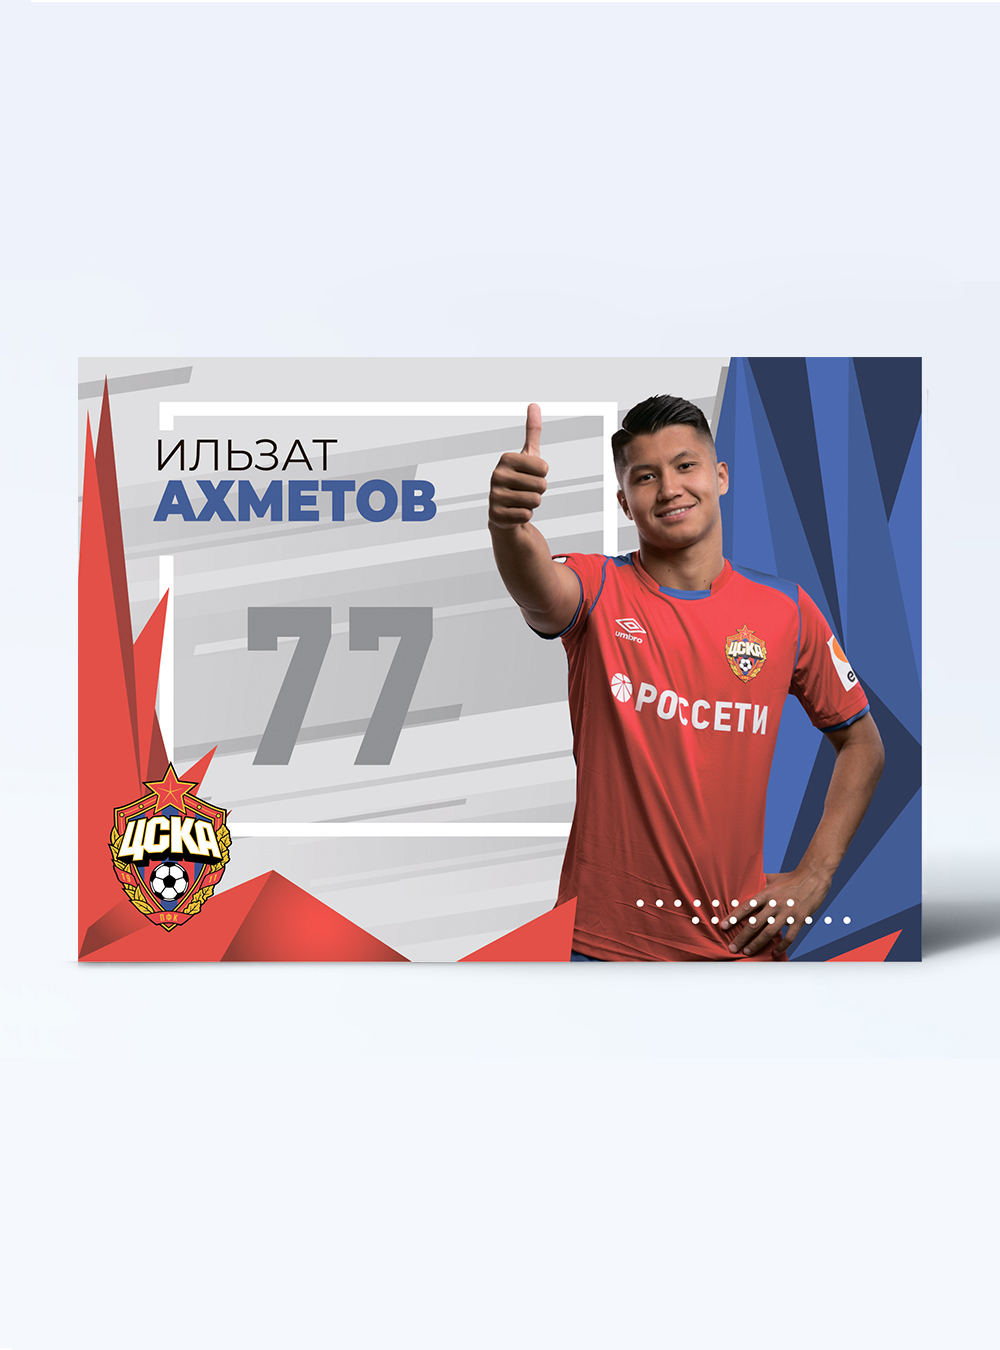 Карточка для автографа Ахметов 2019/2020 фото